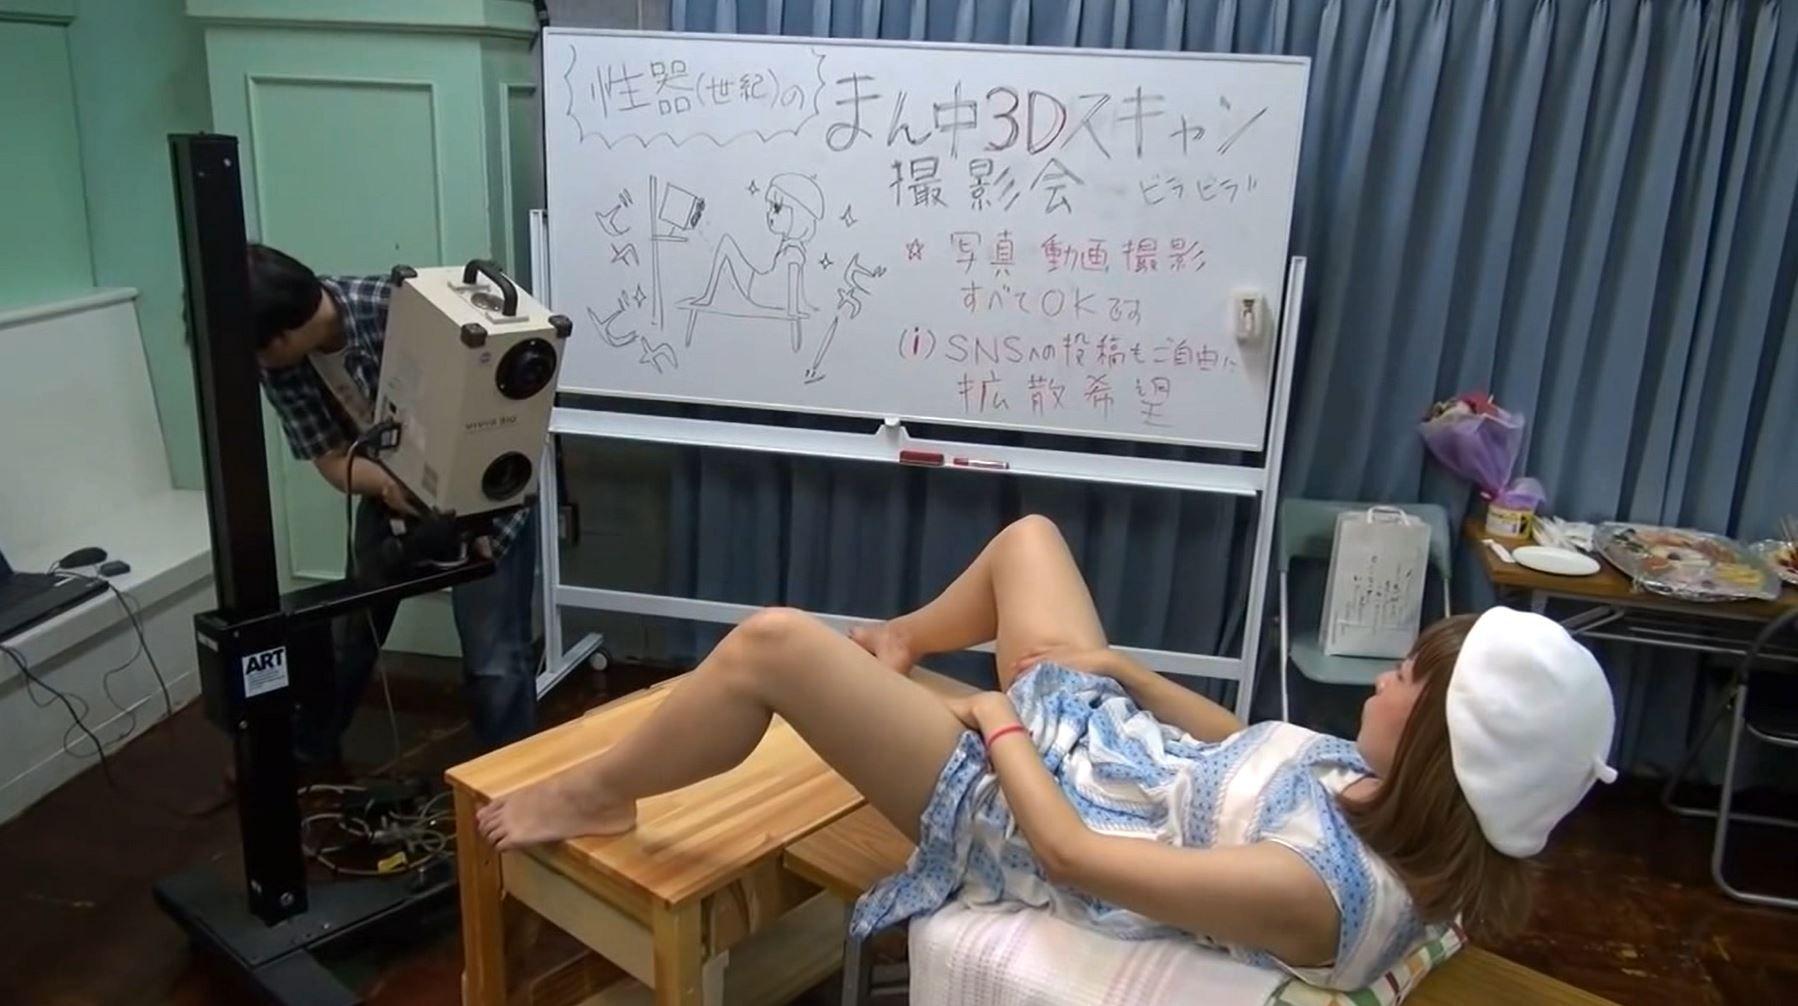 【熟女】エロ画像どんどん集めろ!その76【老女】 [転載禁止]©bbspink.comxvideo>2本 fc2>1本 YouTube動画>9本 ->画像>1550枚